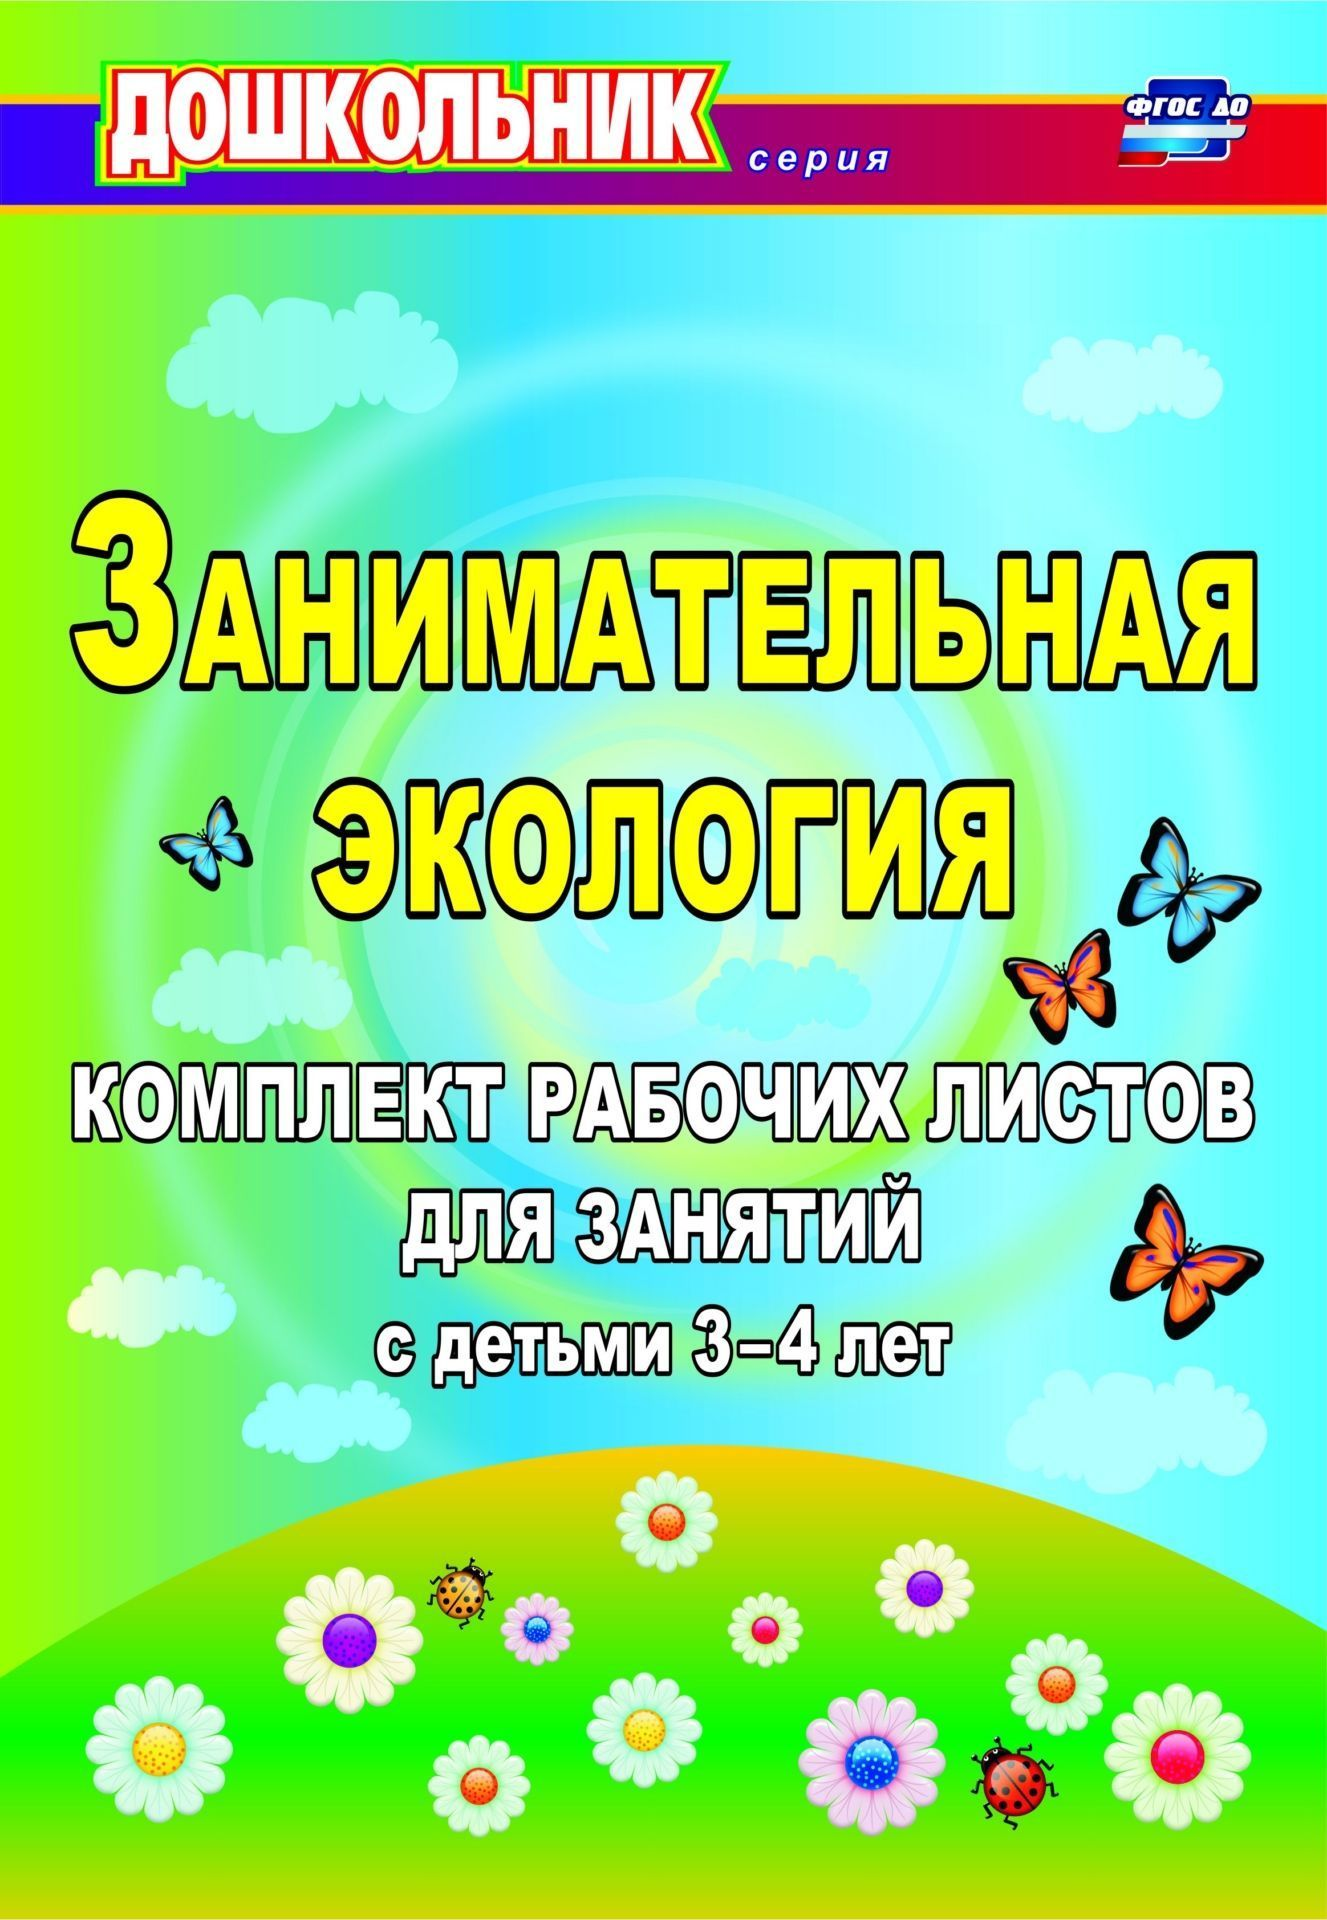 Занимательная экология: комплект рабочих листов для занятий с детьми 3-4 лет